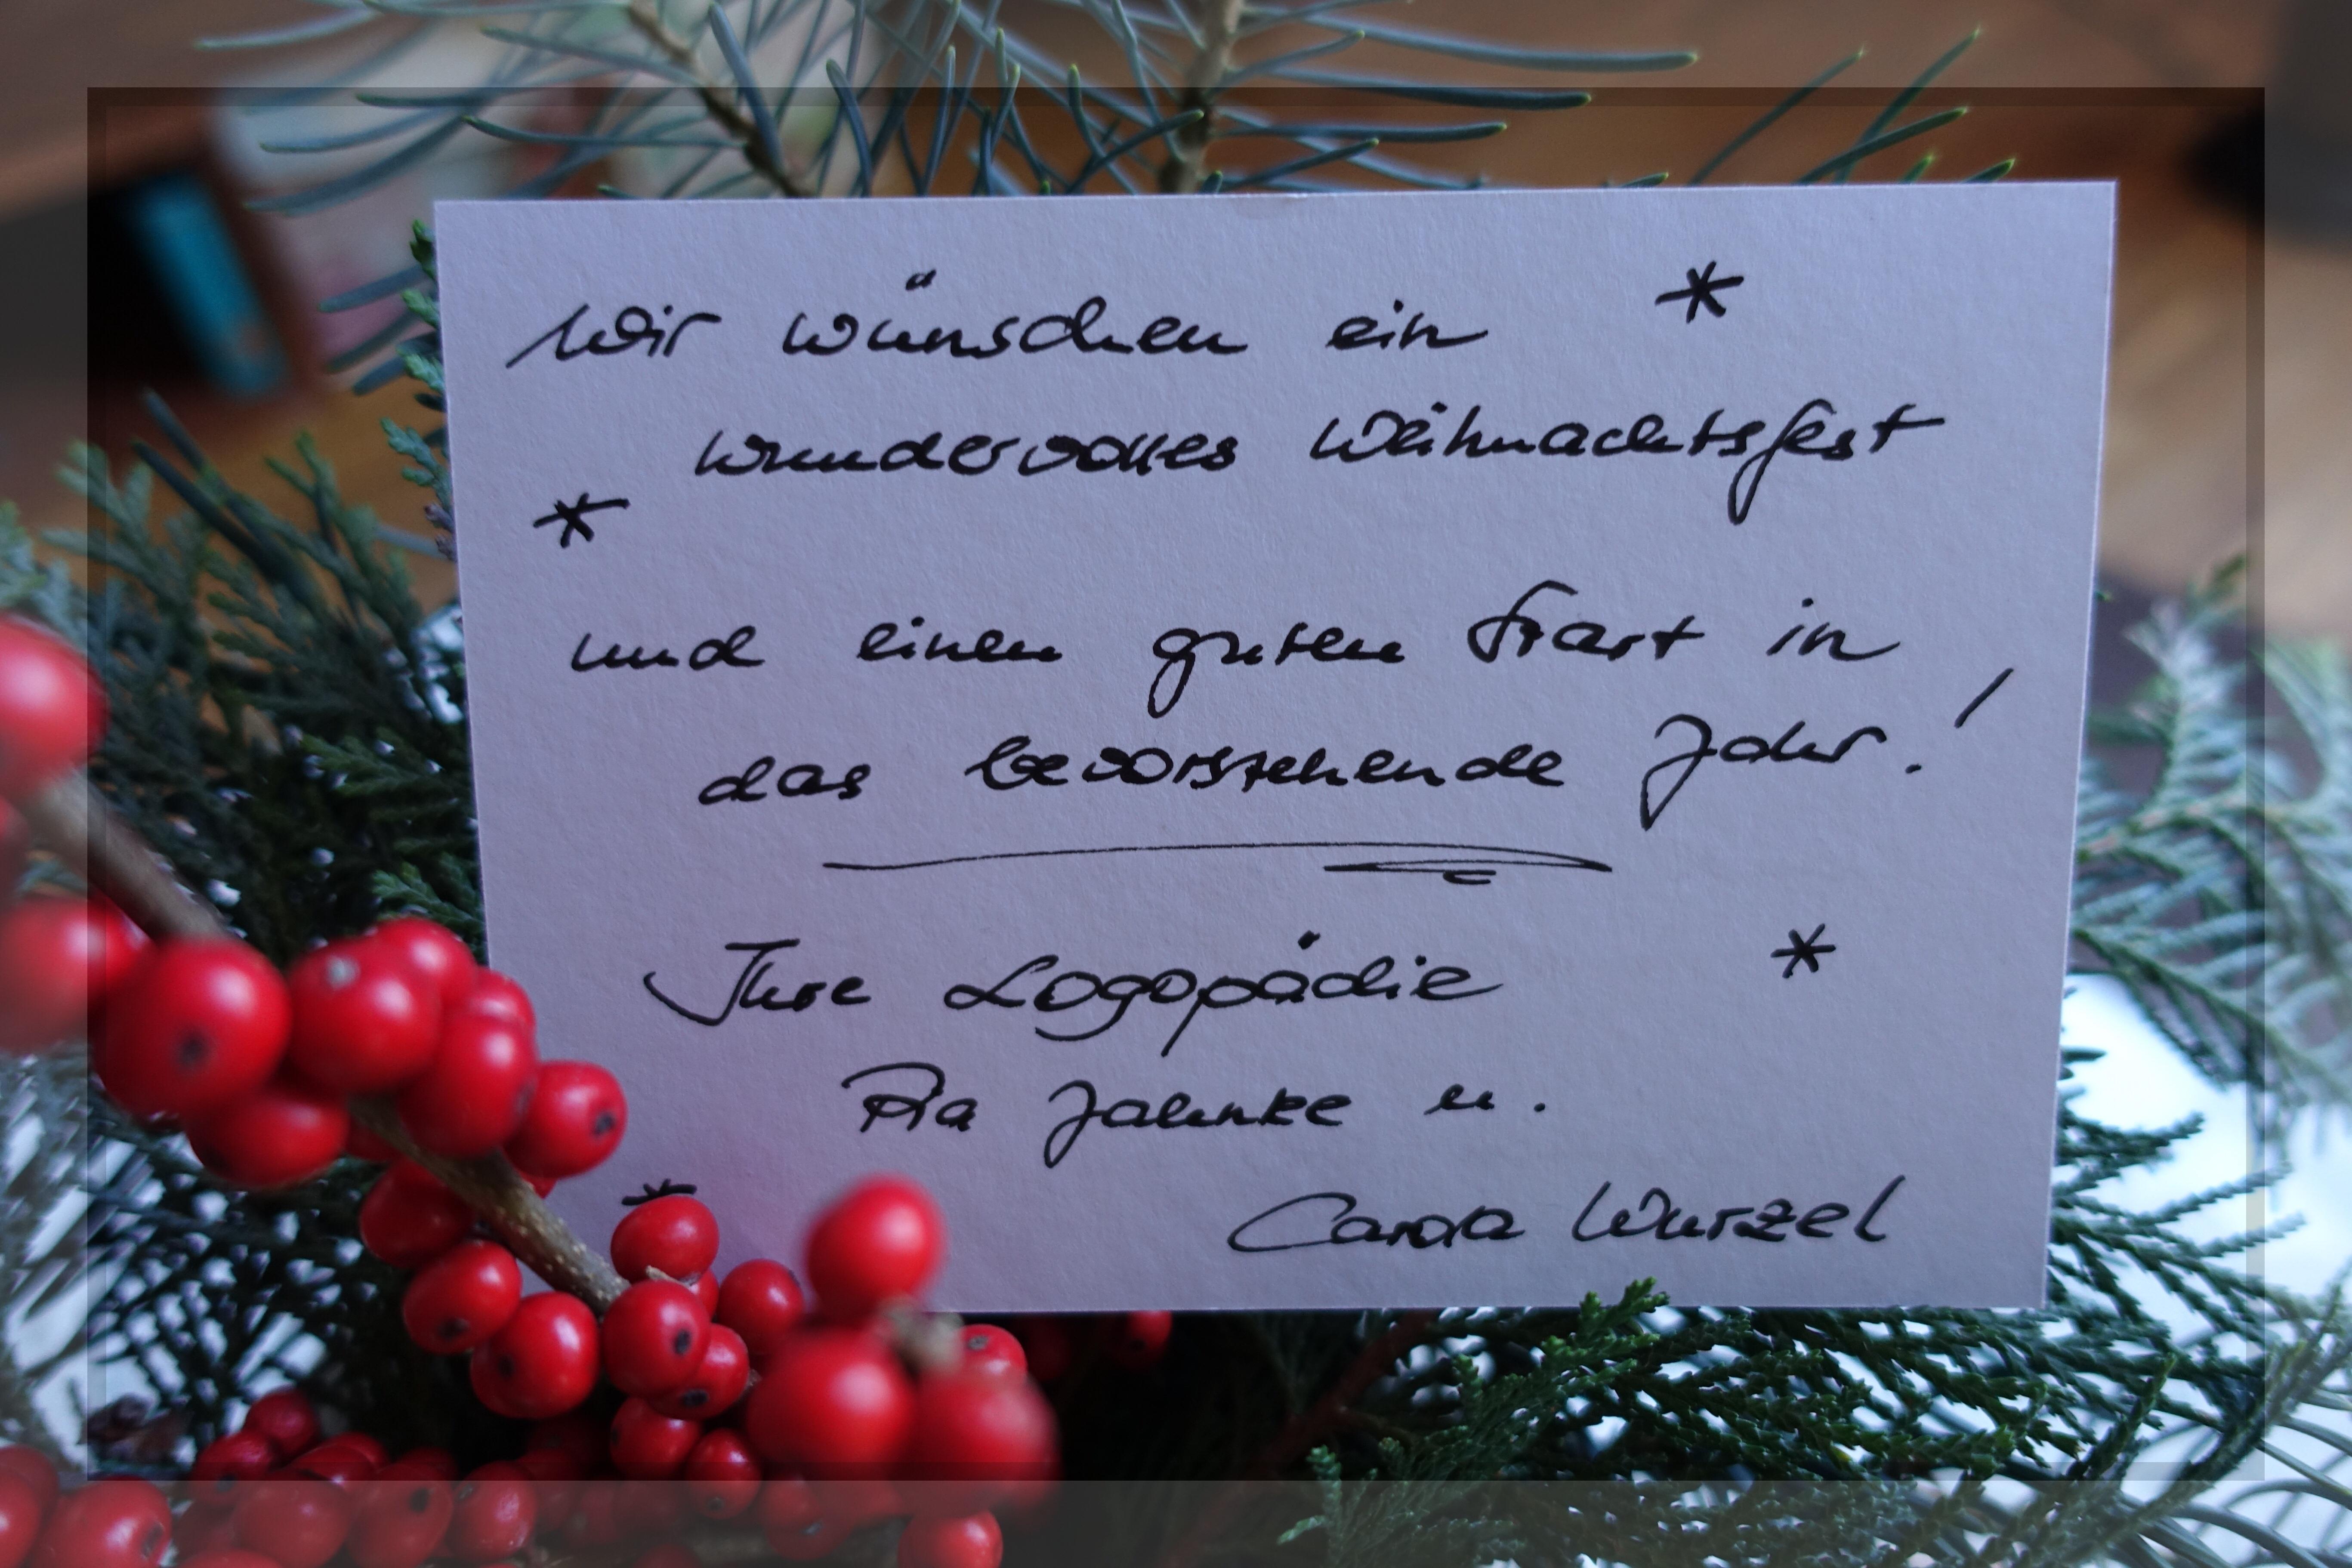 Weihnachten Logopädie Jahnke Wurzel